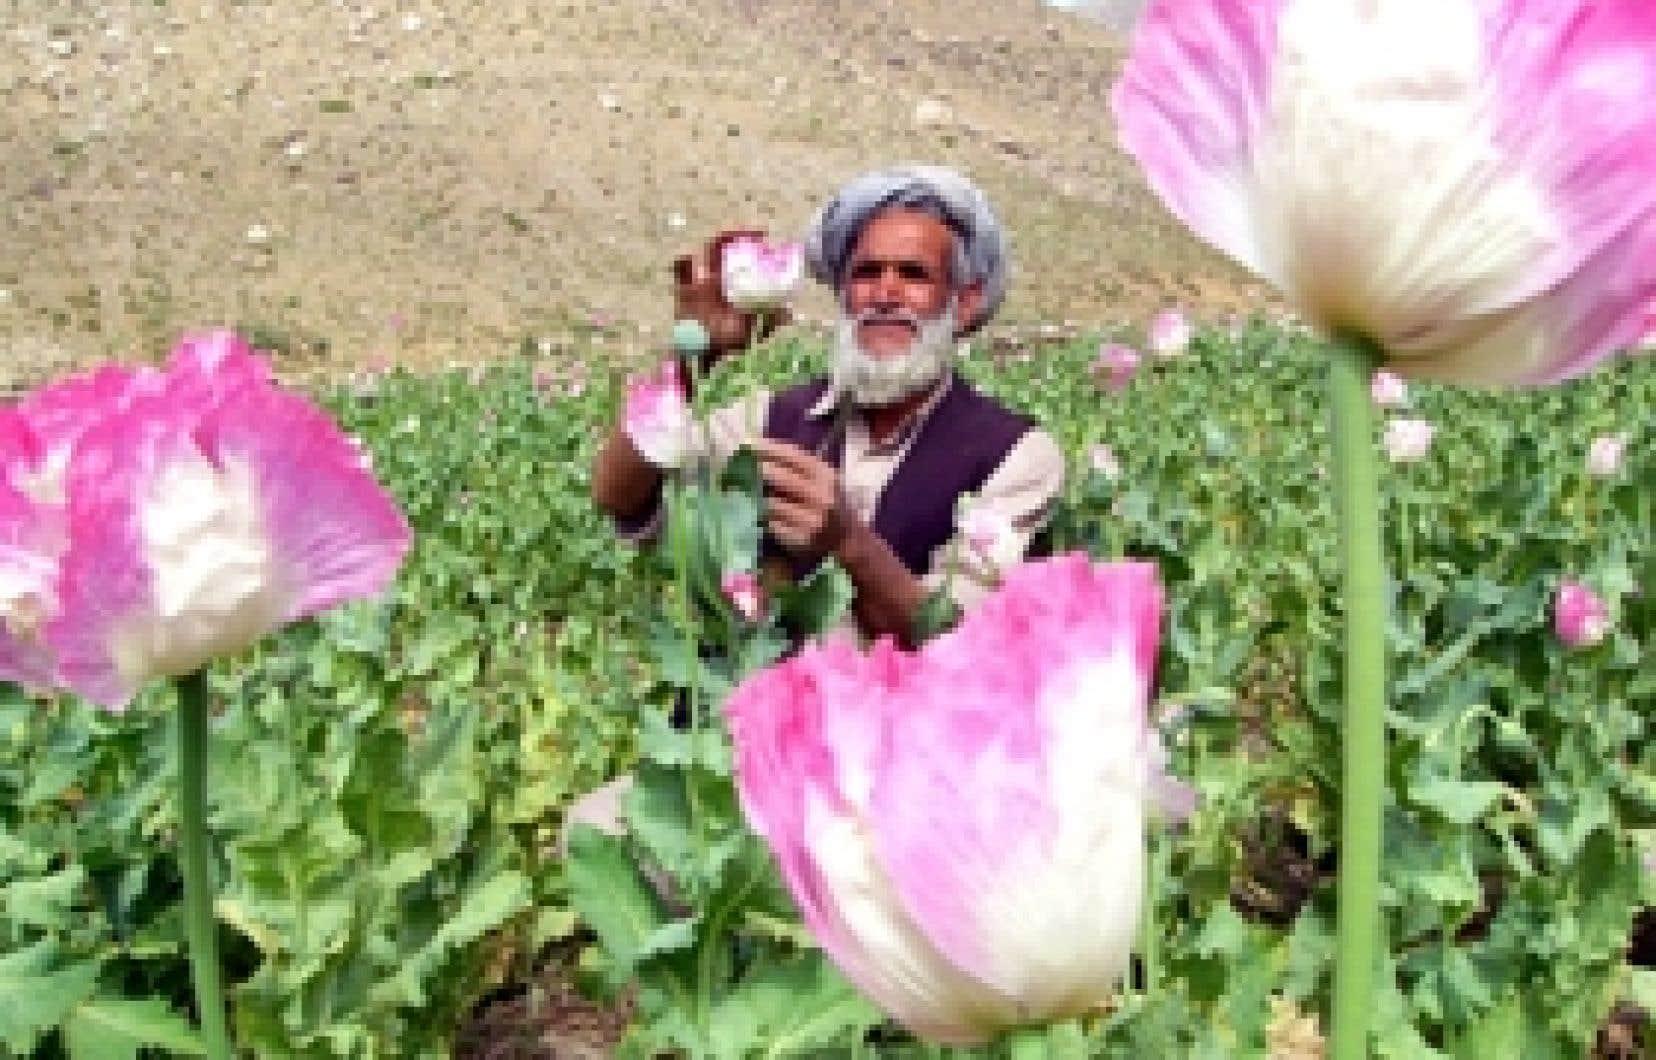 Colloque sur l'Afghanistan - Le pavot, symptôme d'une situation  inextricable   Le Devoir